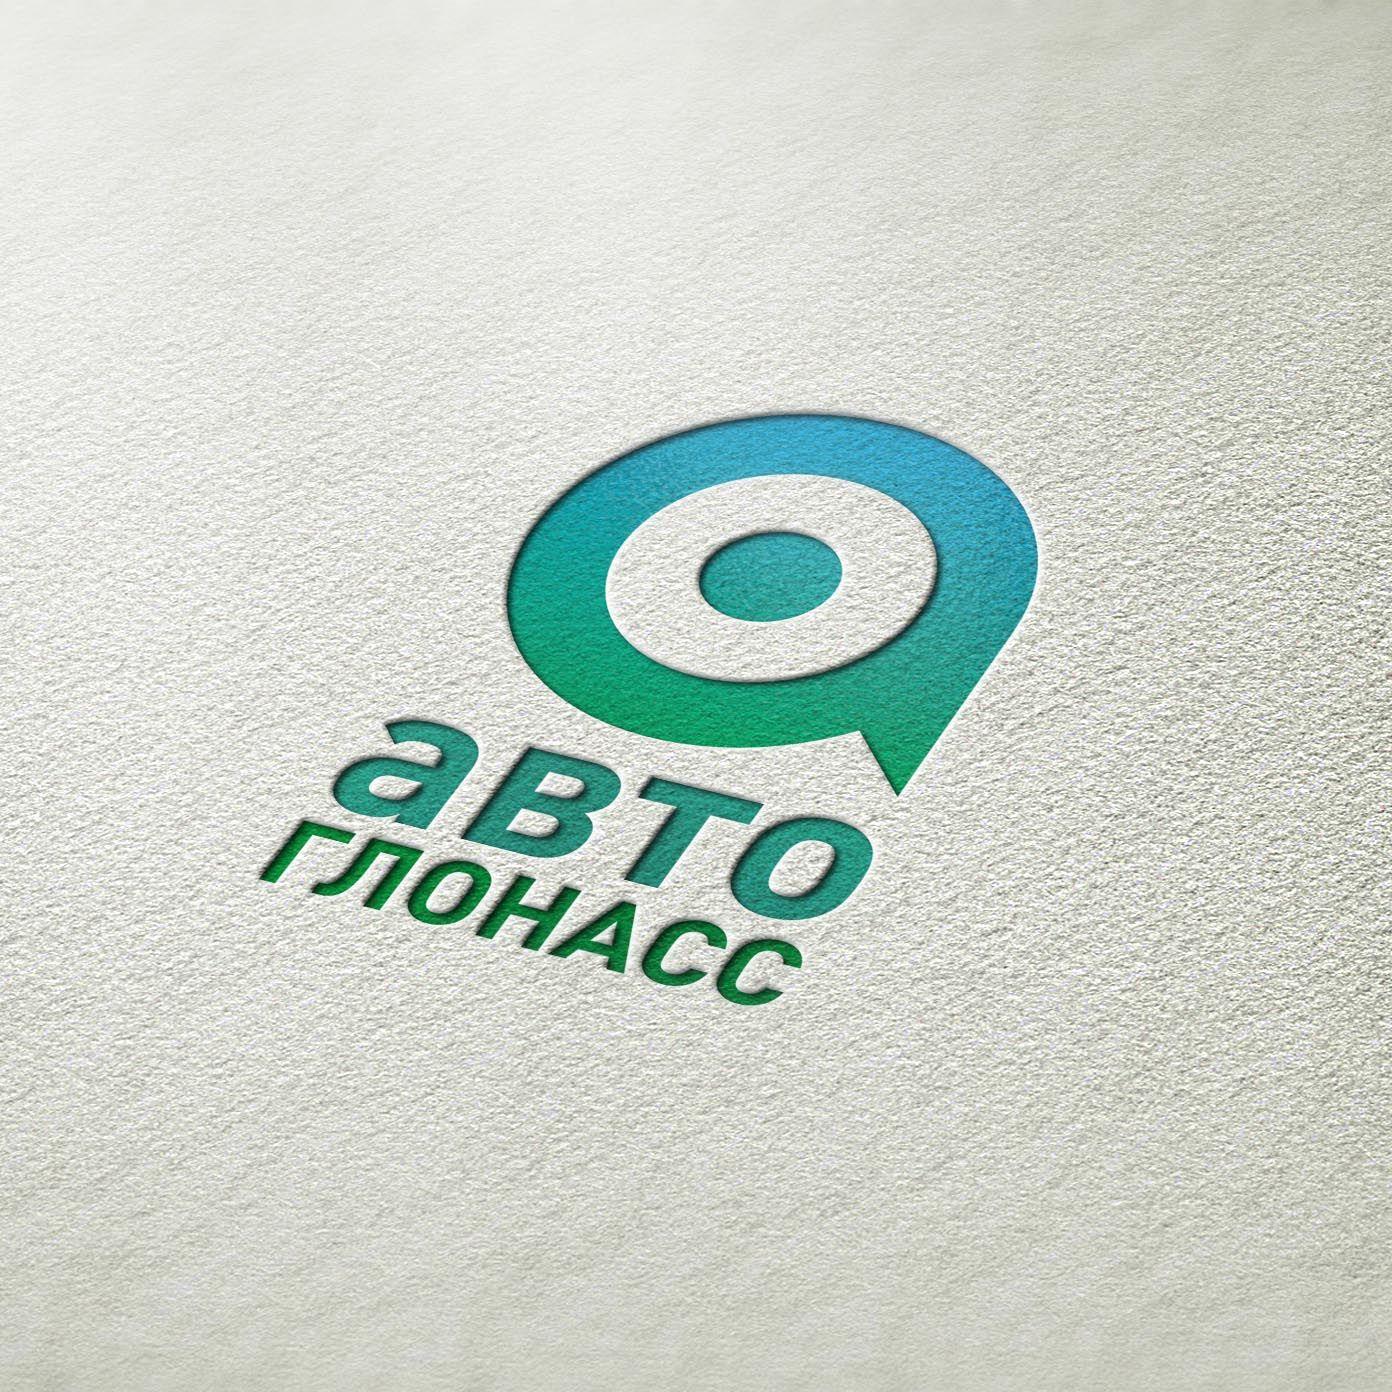 Логотип и фирменный стиль проекта АвтоГЛОНАСС - дизайнер sviaznoyy